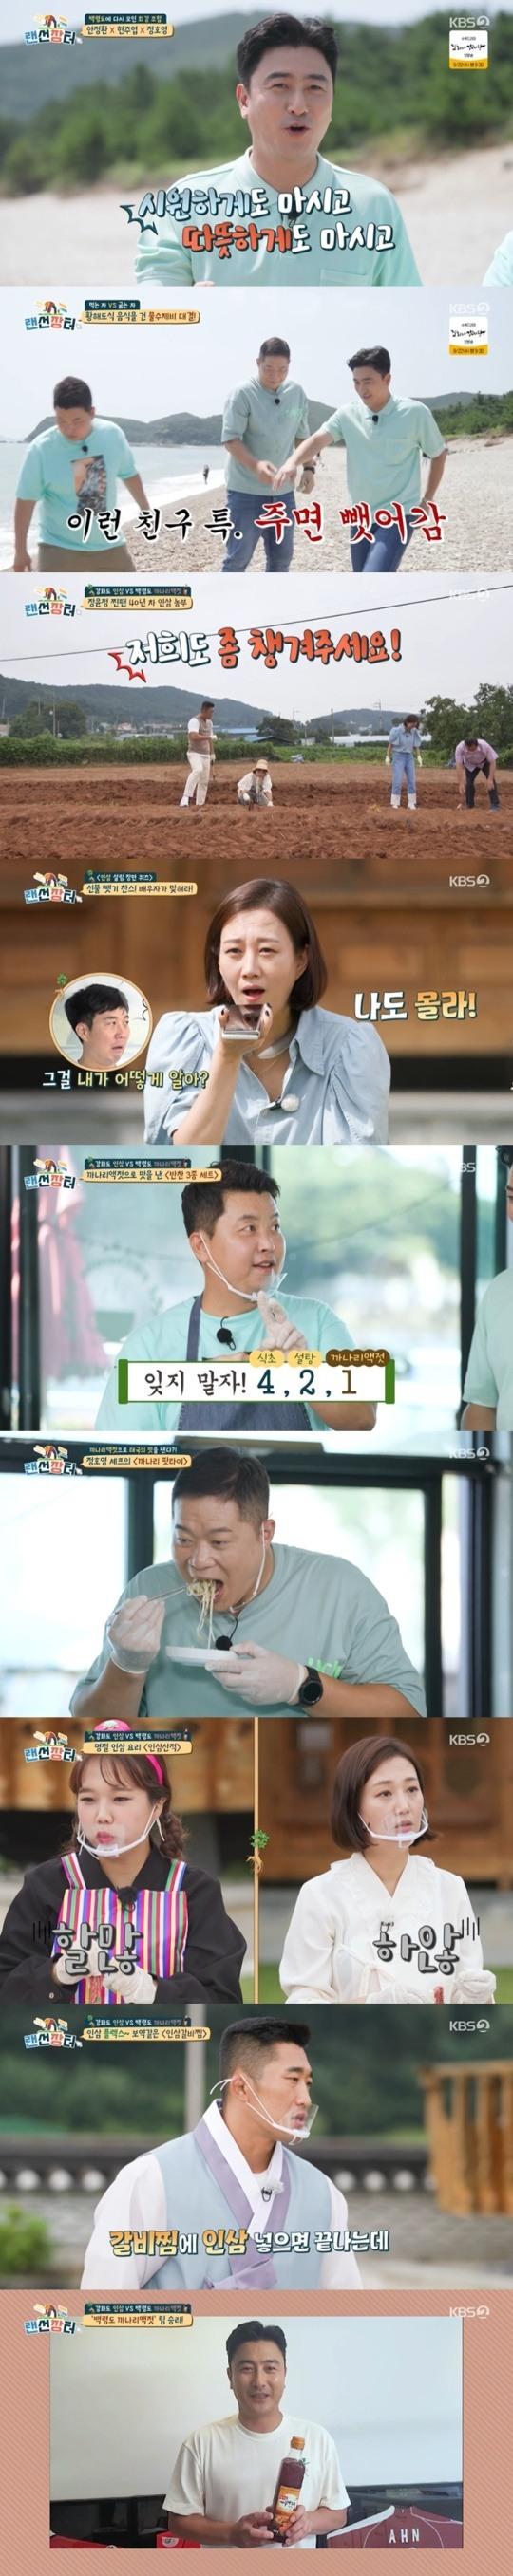 '랜선장터' 안정환X현주엽X정호영 '까나리액젓'으로 뭉쳐...구매 방법은?(사진=KBS2)